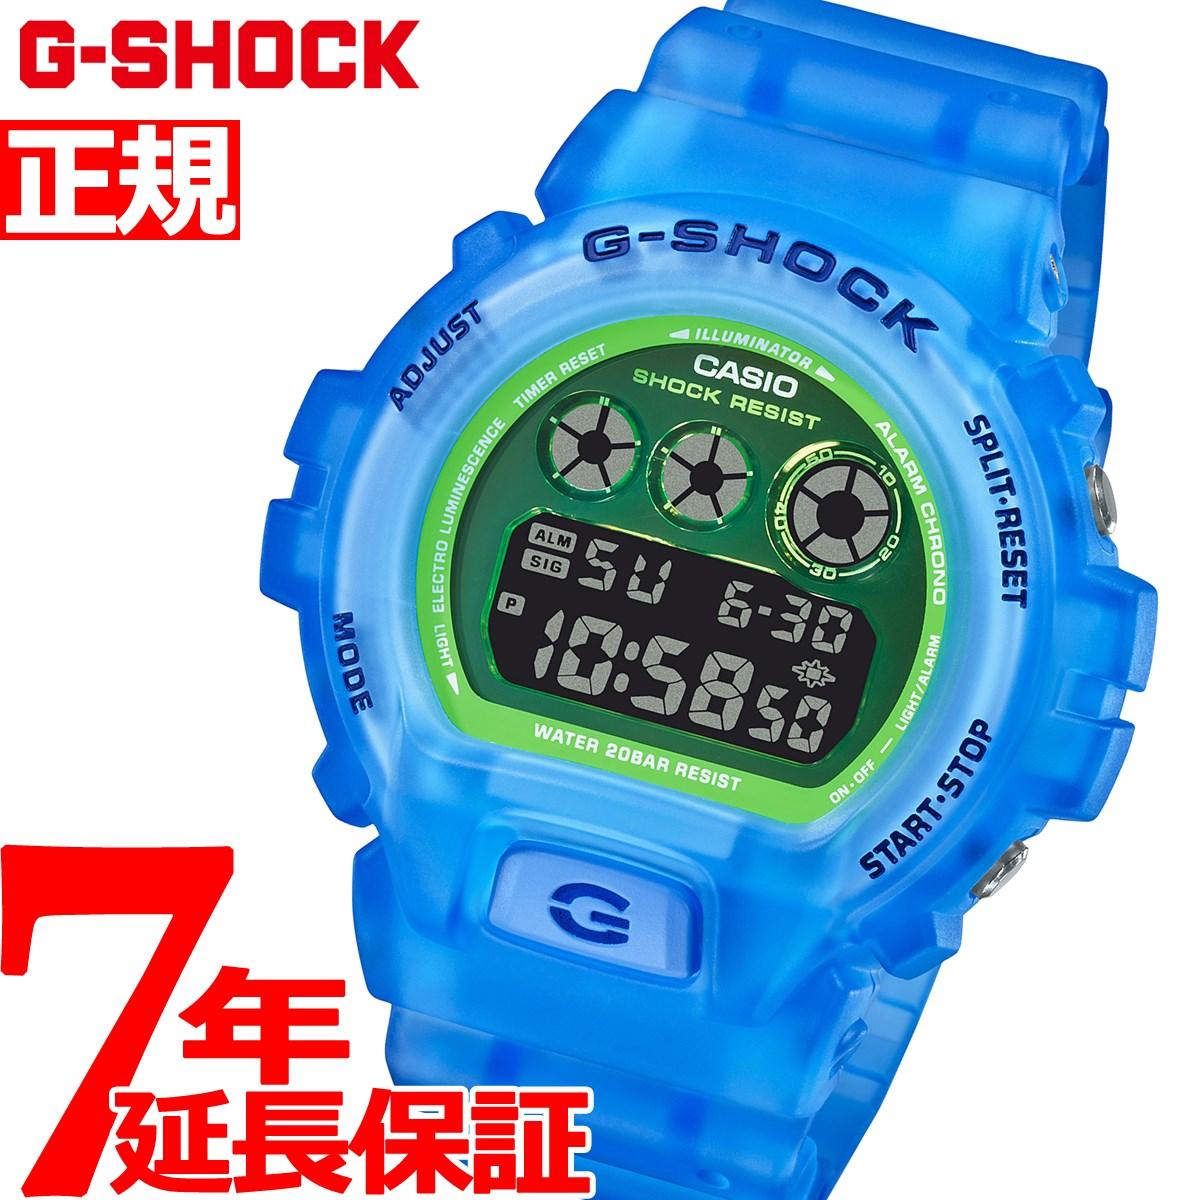 腕時計, メンズ腕時計 35.5G-SHOCK G Color Skeleton DW-6900LS-2JF2020